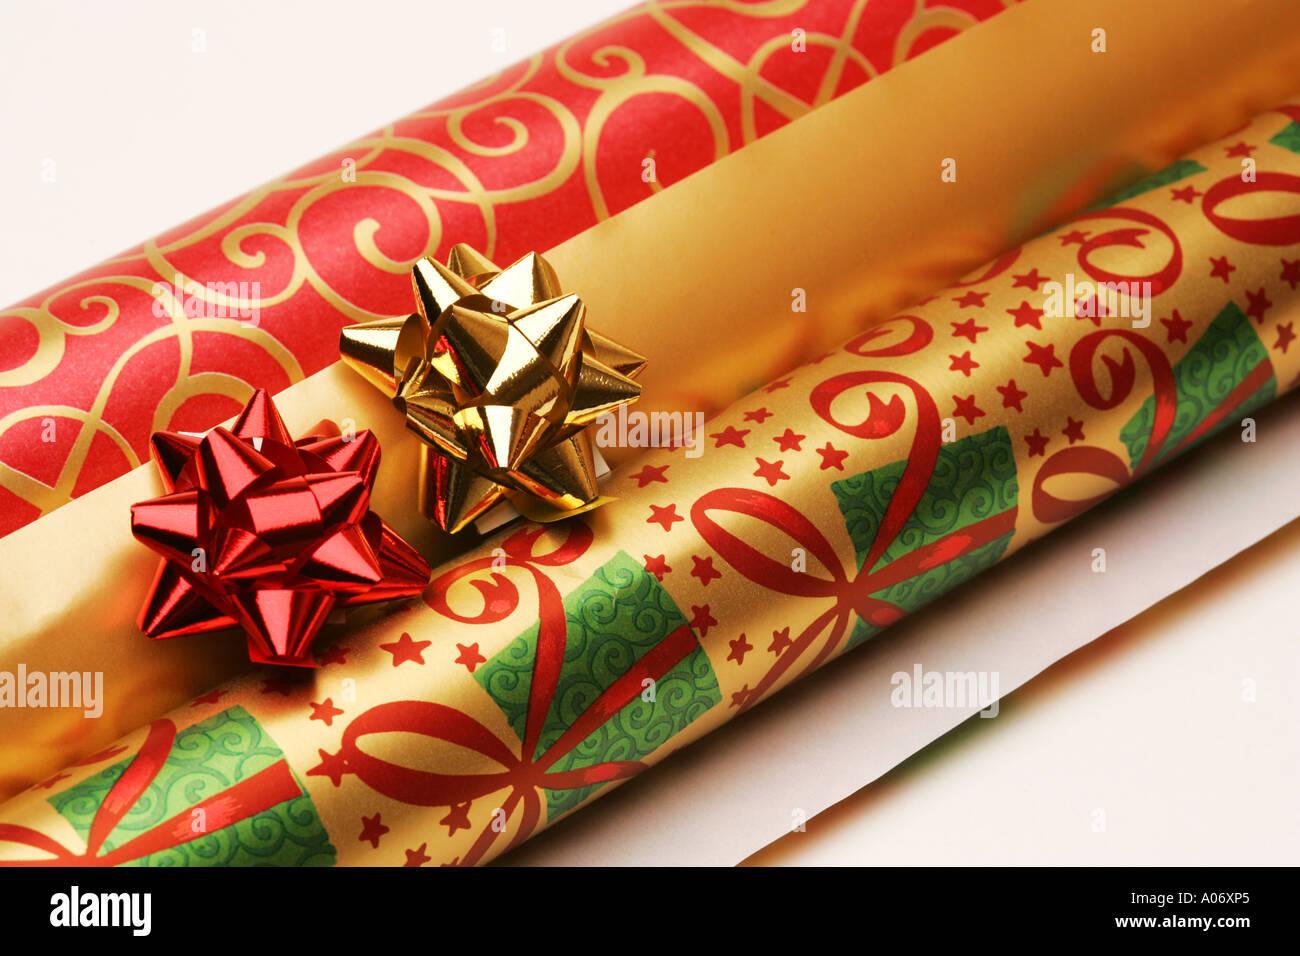 Festliche saisonale Weihnachten Weihnachtsgeschenk vorhanden mit ...